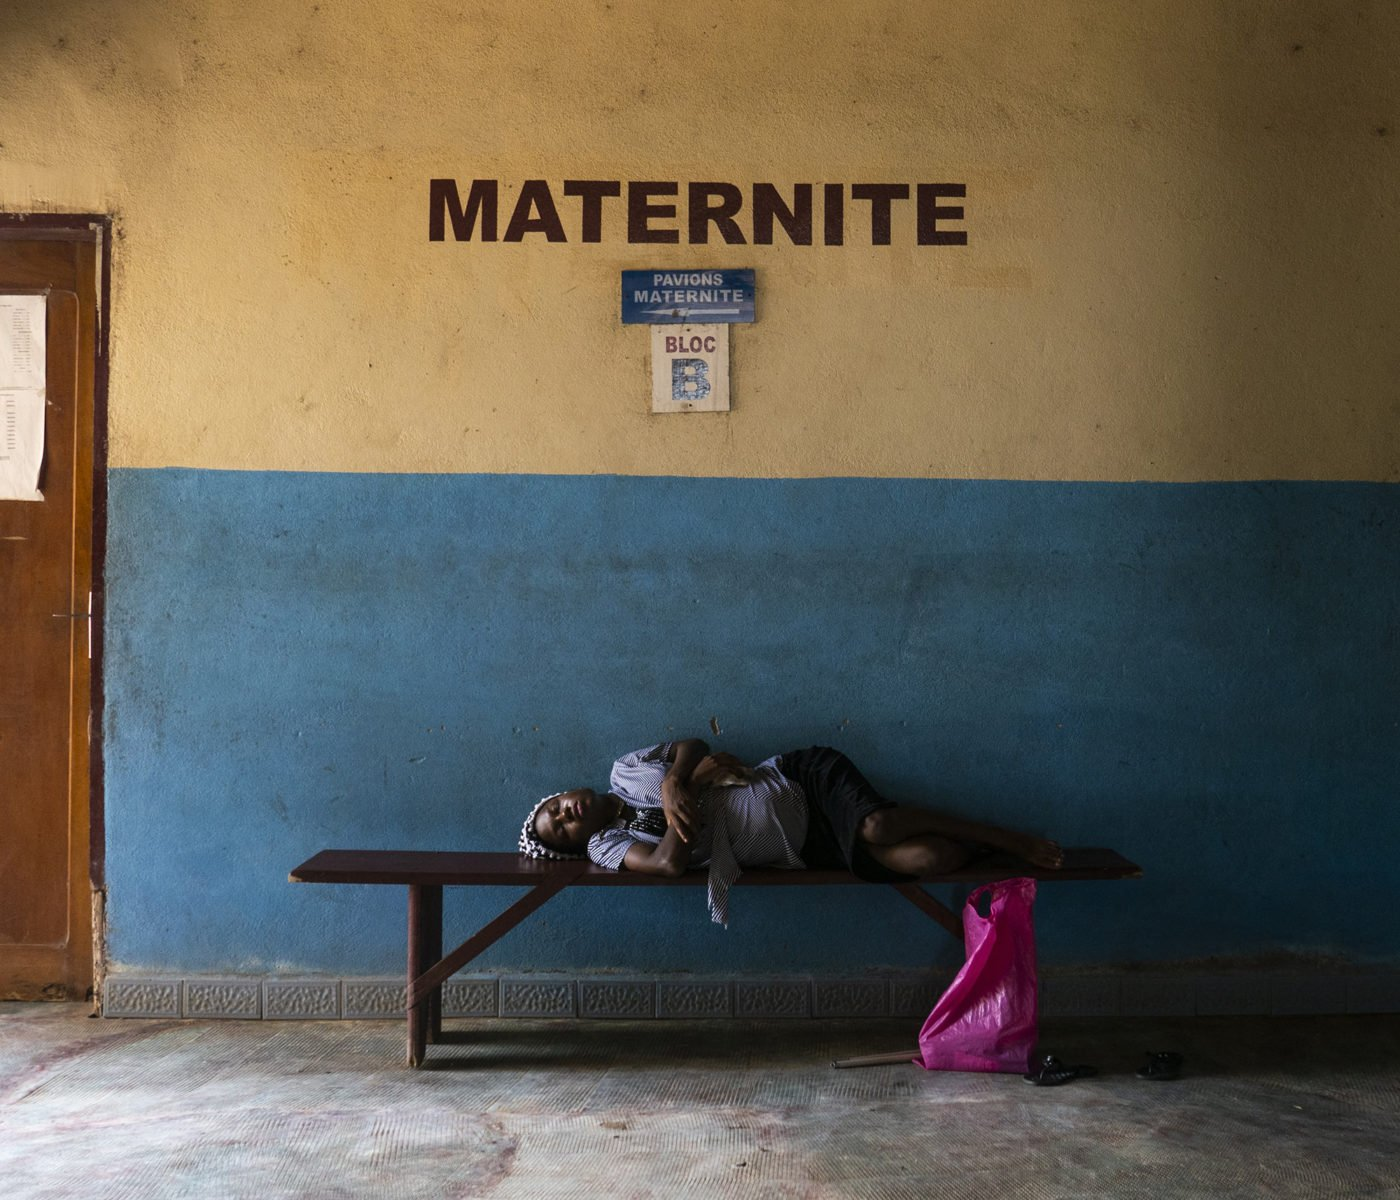 """Titel: """"Madonna del parto"""" - Kamerun Dieses Porträt ist Teil eines Langzeitprojekts zu den Folgen des Krieges. In diesem Fall der vor zwei Jahren begonnene Bürgerkrieg in Kamerun. Candice ruht auf der Bank, nachdem sie über tausend Kilometer gereist ist, um im Krankenhaus von Édea zu gebären. Das Dorf liegt in der Nähe von Bamenda im englischsprachigen Teil des Landes. Aufgrund des Krieges zwischen dem Separatisten 'Amba Boy' und der Armee wird das Gebiet belagert, die Straßen sind fast alle blockiert, es gibt zahlreiche Kontrollpunkte und Lebensmittel und Drogen sind Mangelware. Aus diesem Grund beschloss sie, fast zwei Tage zu reisen, um ein sicheres Krankenhaus zu erreichen."""